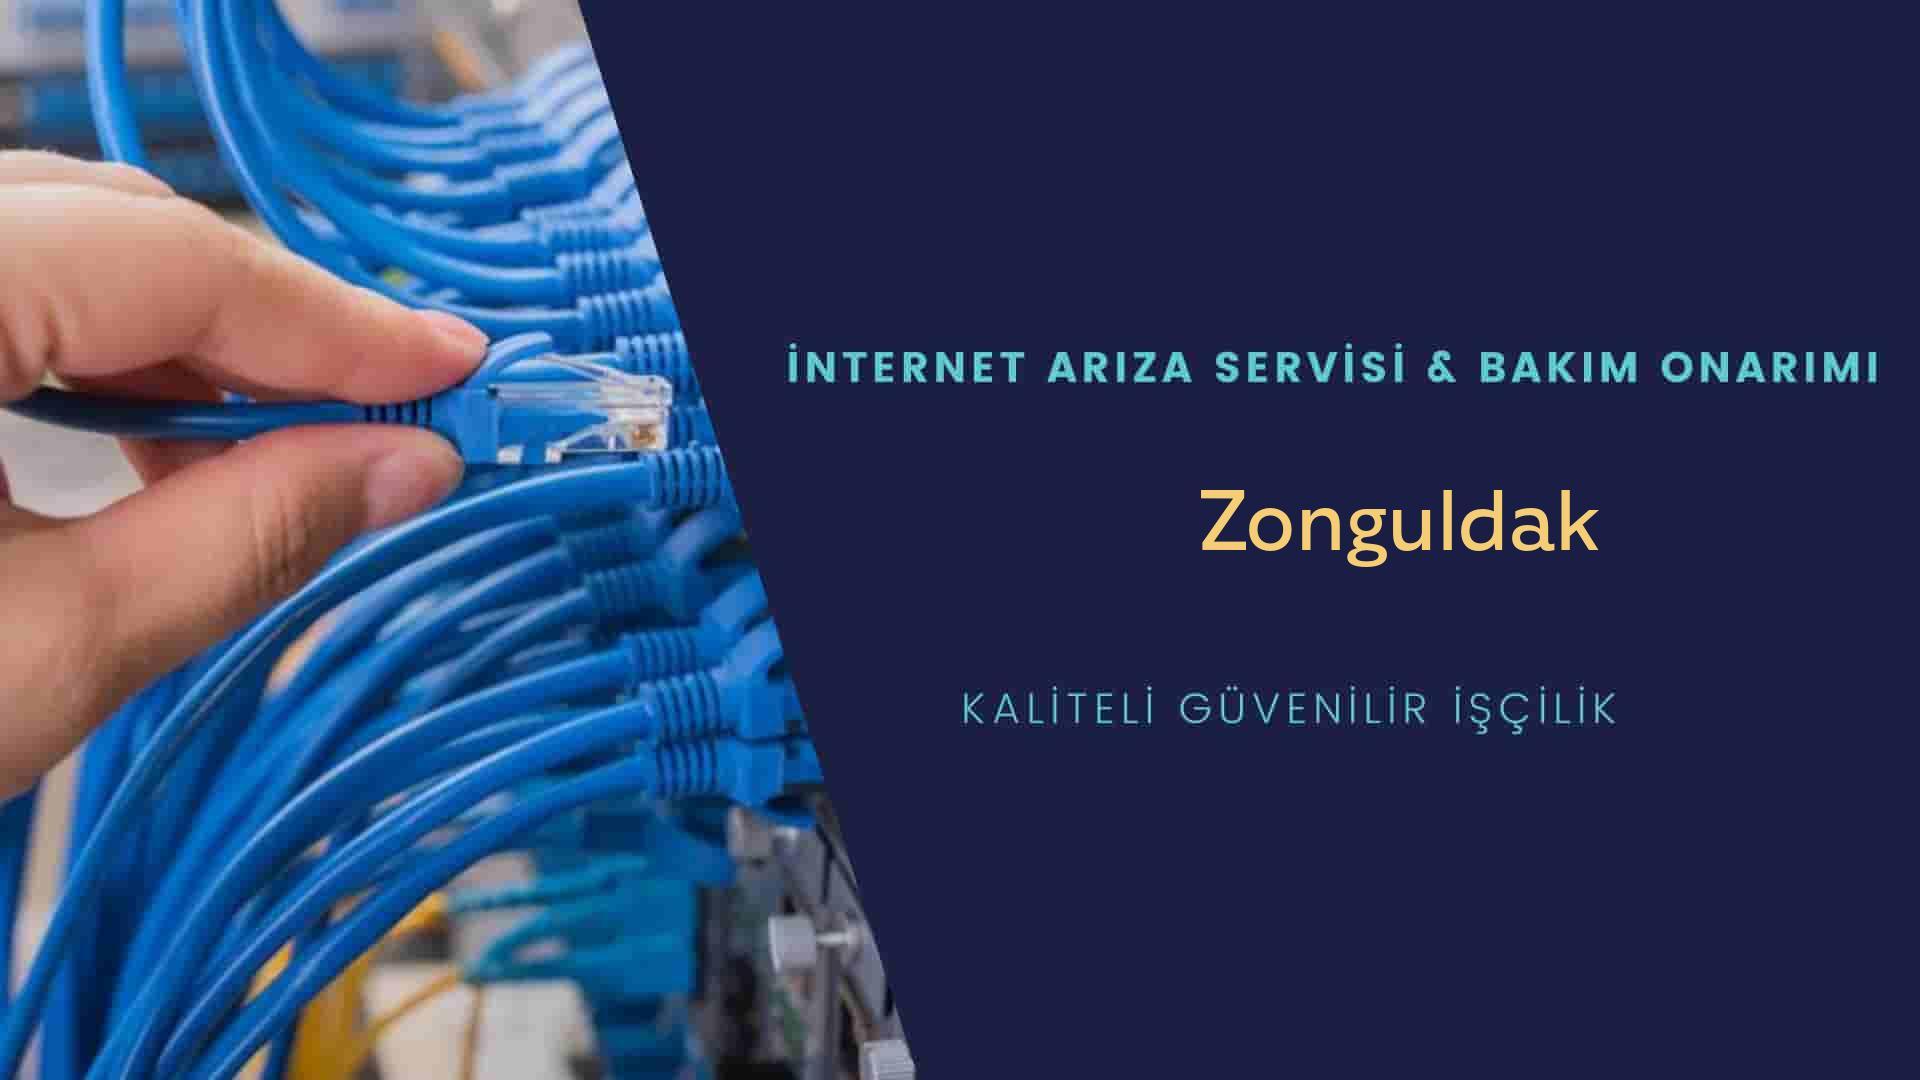 Zonguldak internet kablosu çekimi yapan yerler veya elektrikçiler mi? arıyorsunuz doğru yerdesiniz o zaman sizlere 7/24 yardımcı olacak profesyonel ustalarımız bir telefon kadar yakındır size.